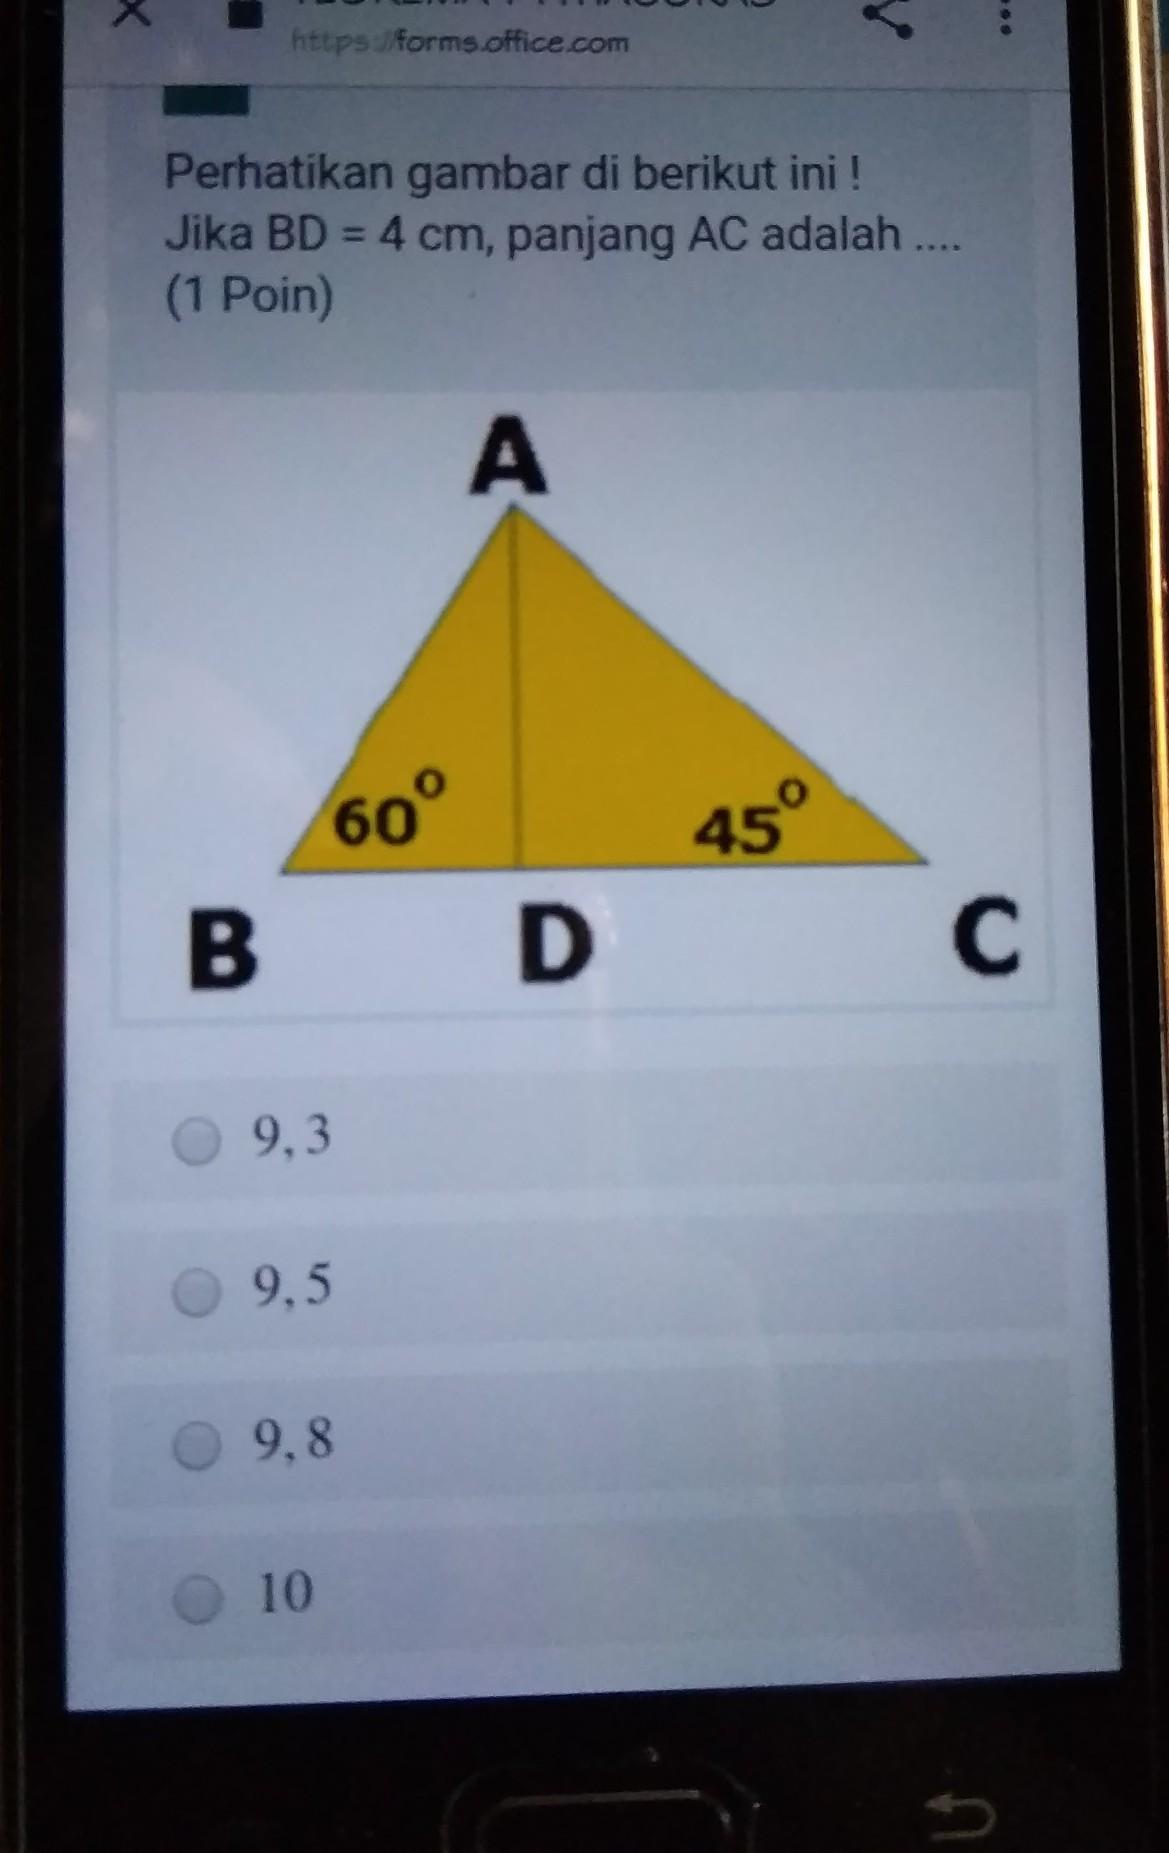 Perhatikan gambar diberikut ini!Jika BD=4 cm panjang AC ...